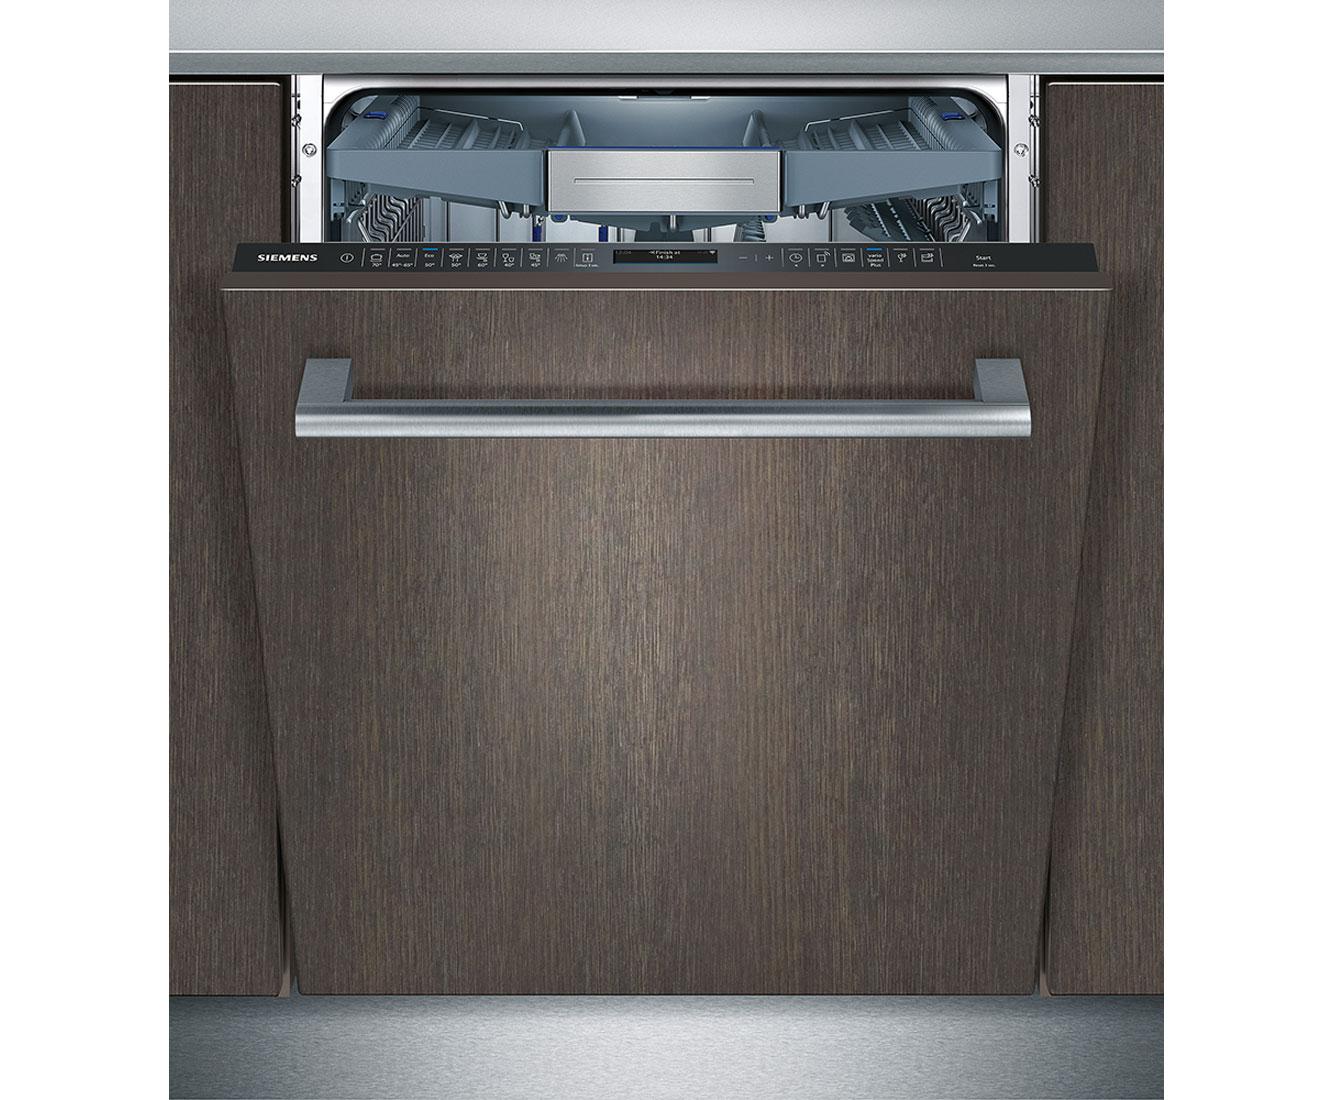 Siemens Iq500 Sn658x06te Vollintegrierter Geschirrspuler 60 Cm A